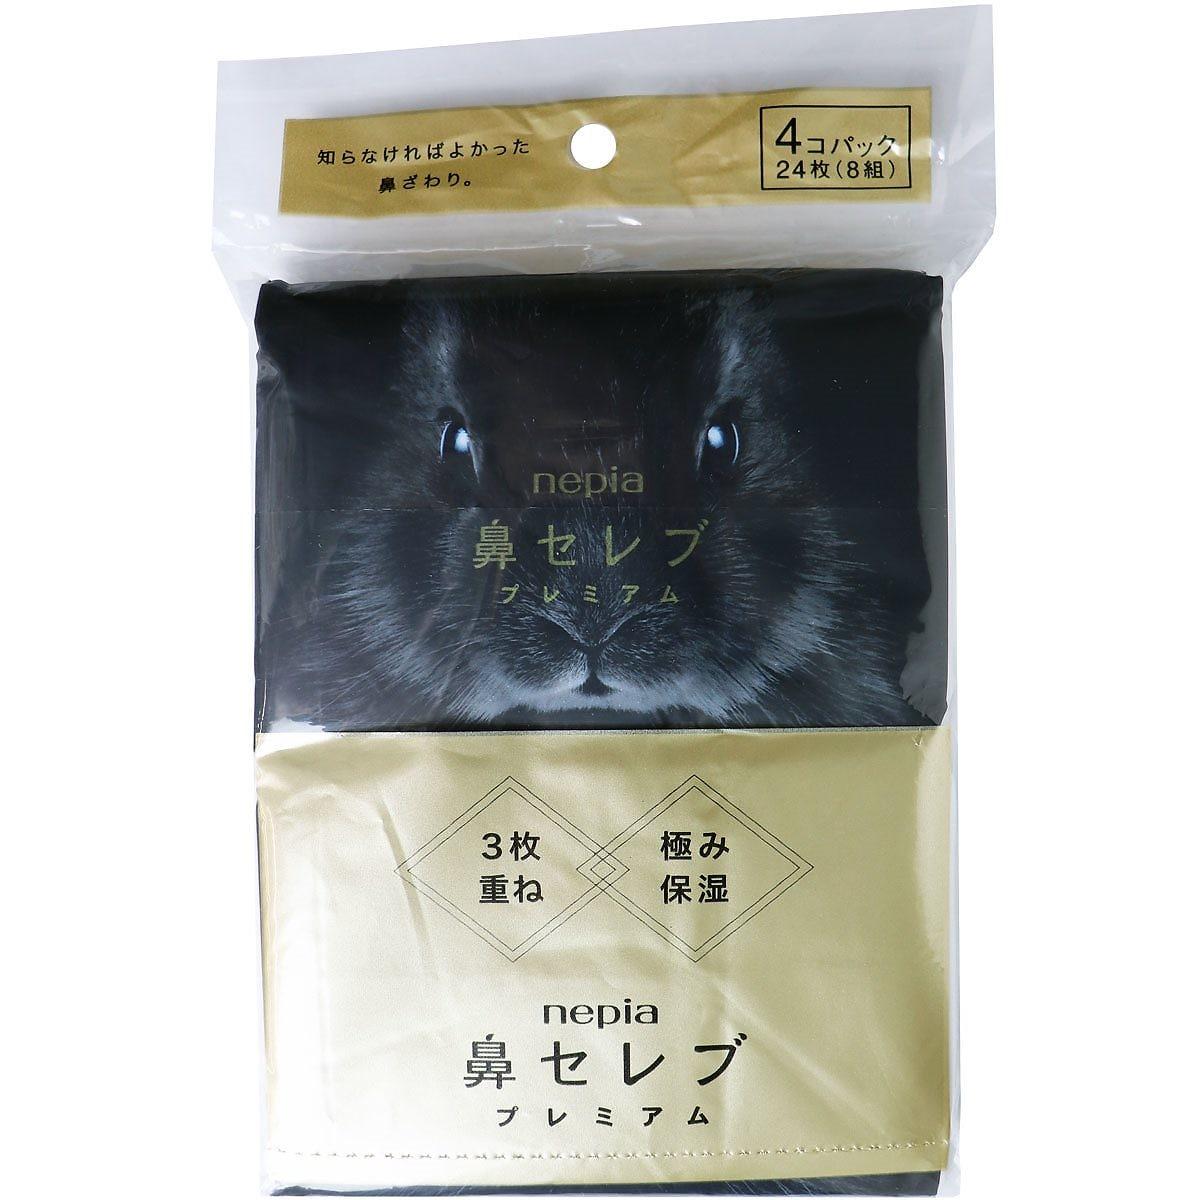 ネピア 鼻セレブ プレミアム 3枚重ね 極み保湿 ポケットティシュ 24枚(8組)X4個パック